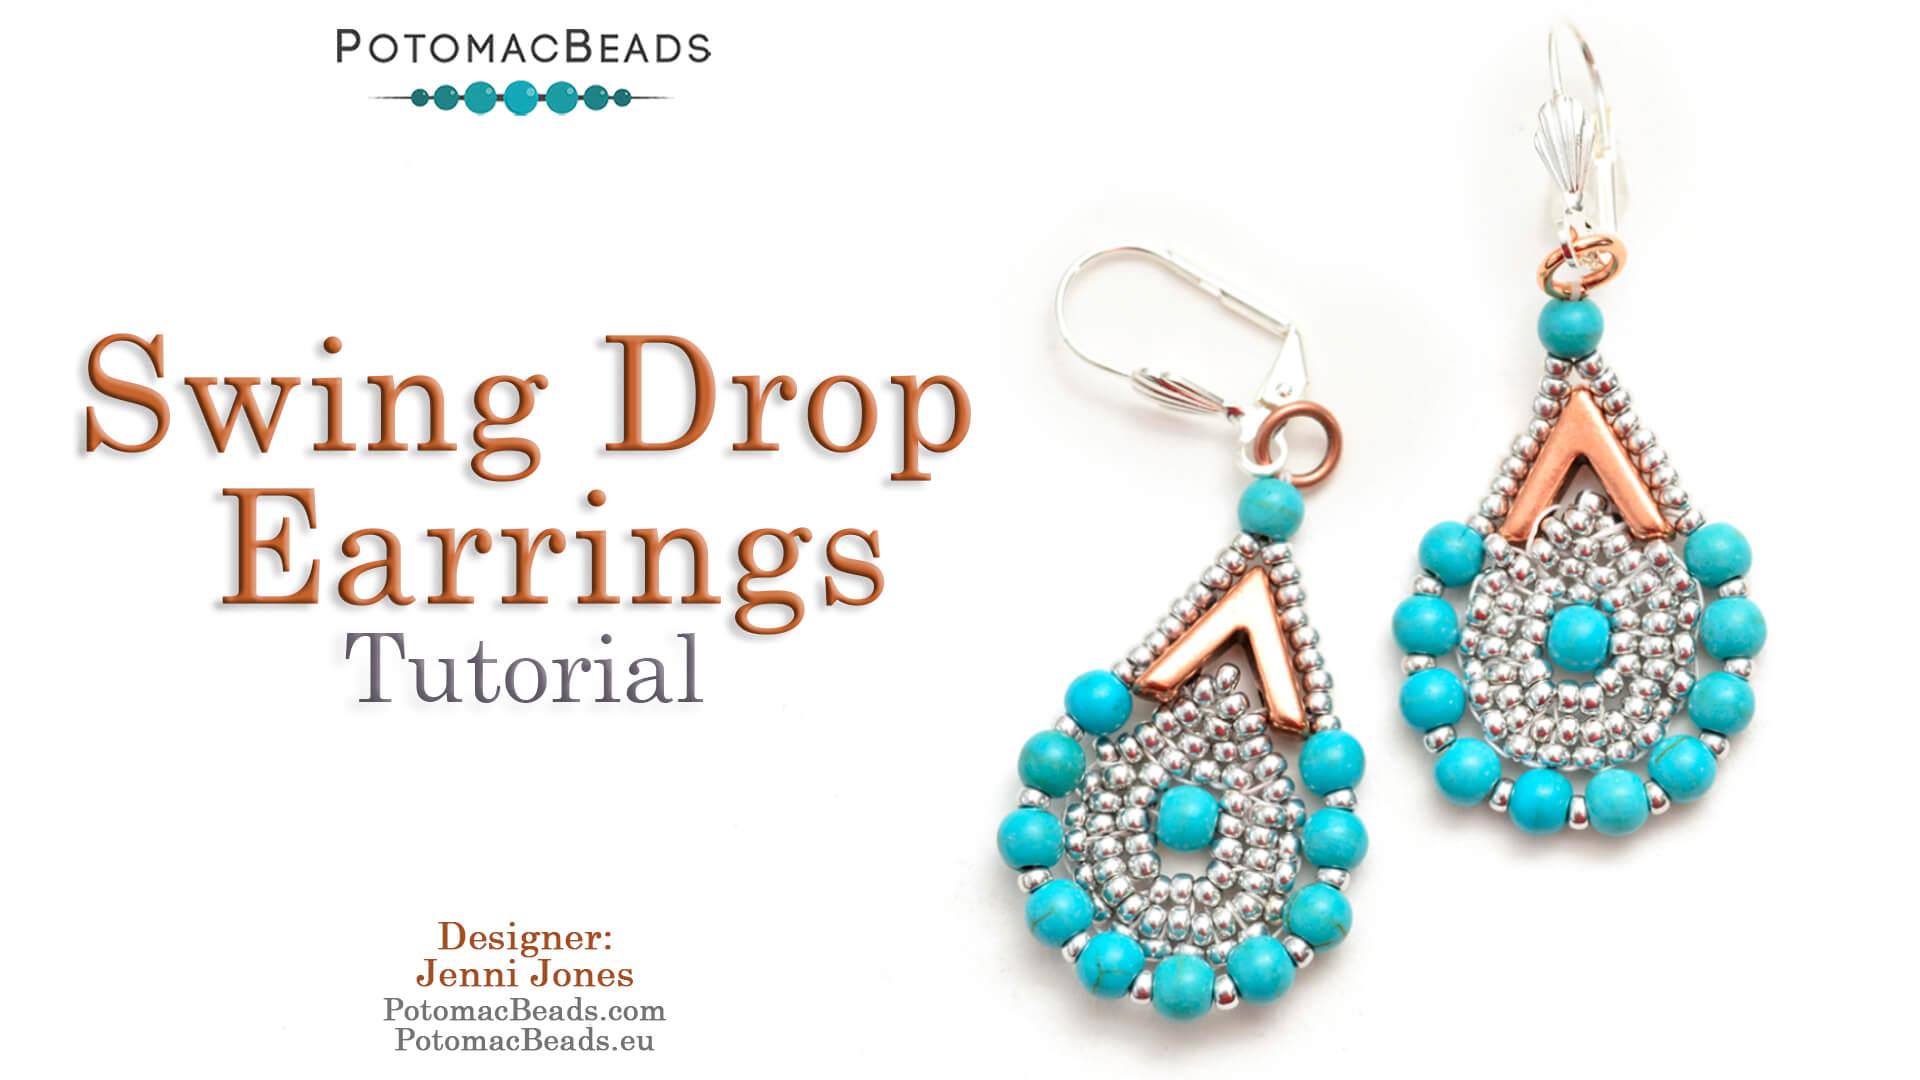 Swing Drop Earrings Tutorial